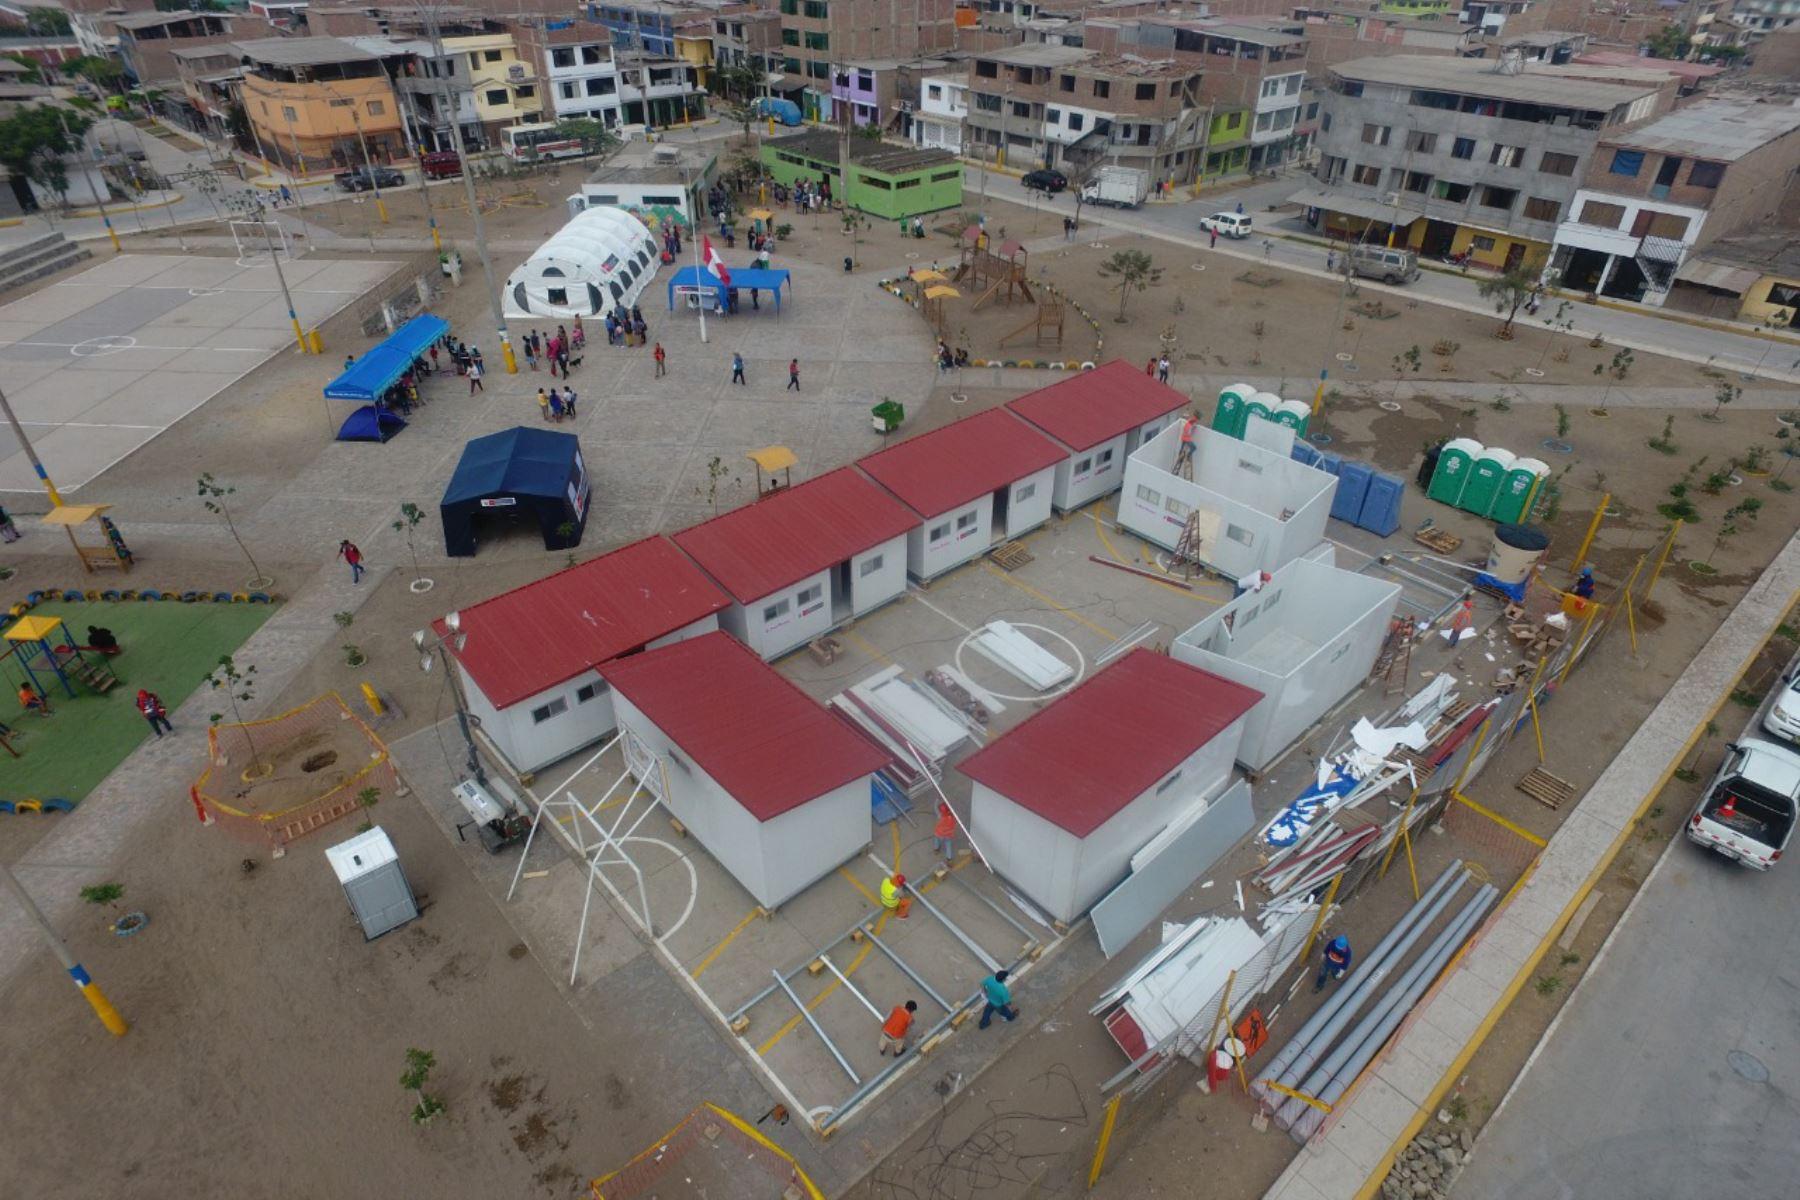 Ministerio de vivienda va culminando  la instalación de módulos de vivienda temporal para las familias damnificadas de Villa El Salvador. Foto: Difusión Ministerio de Vivienda